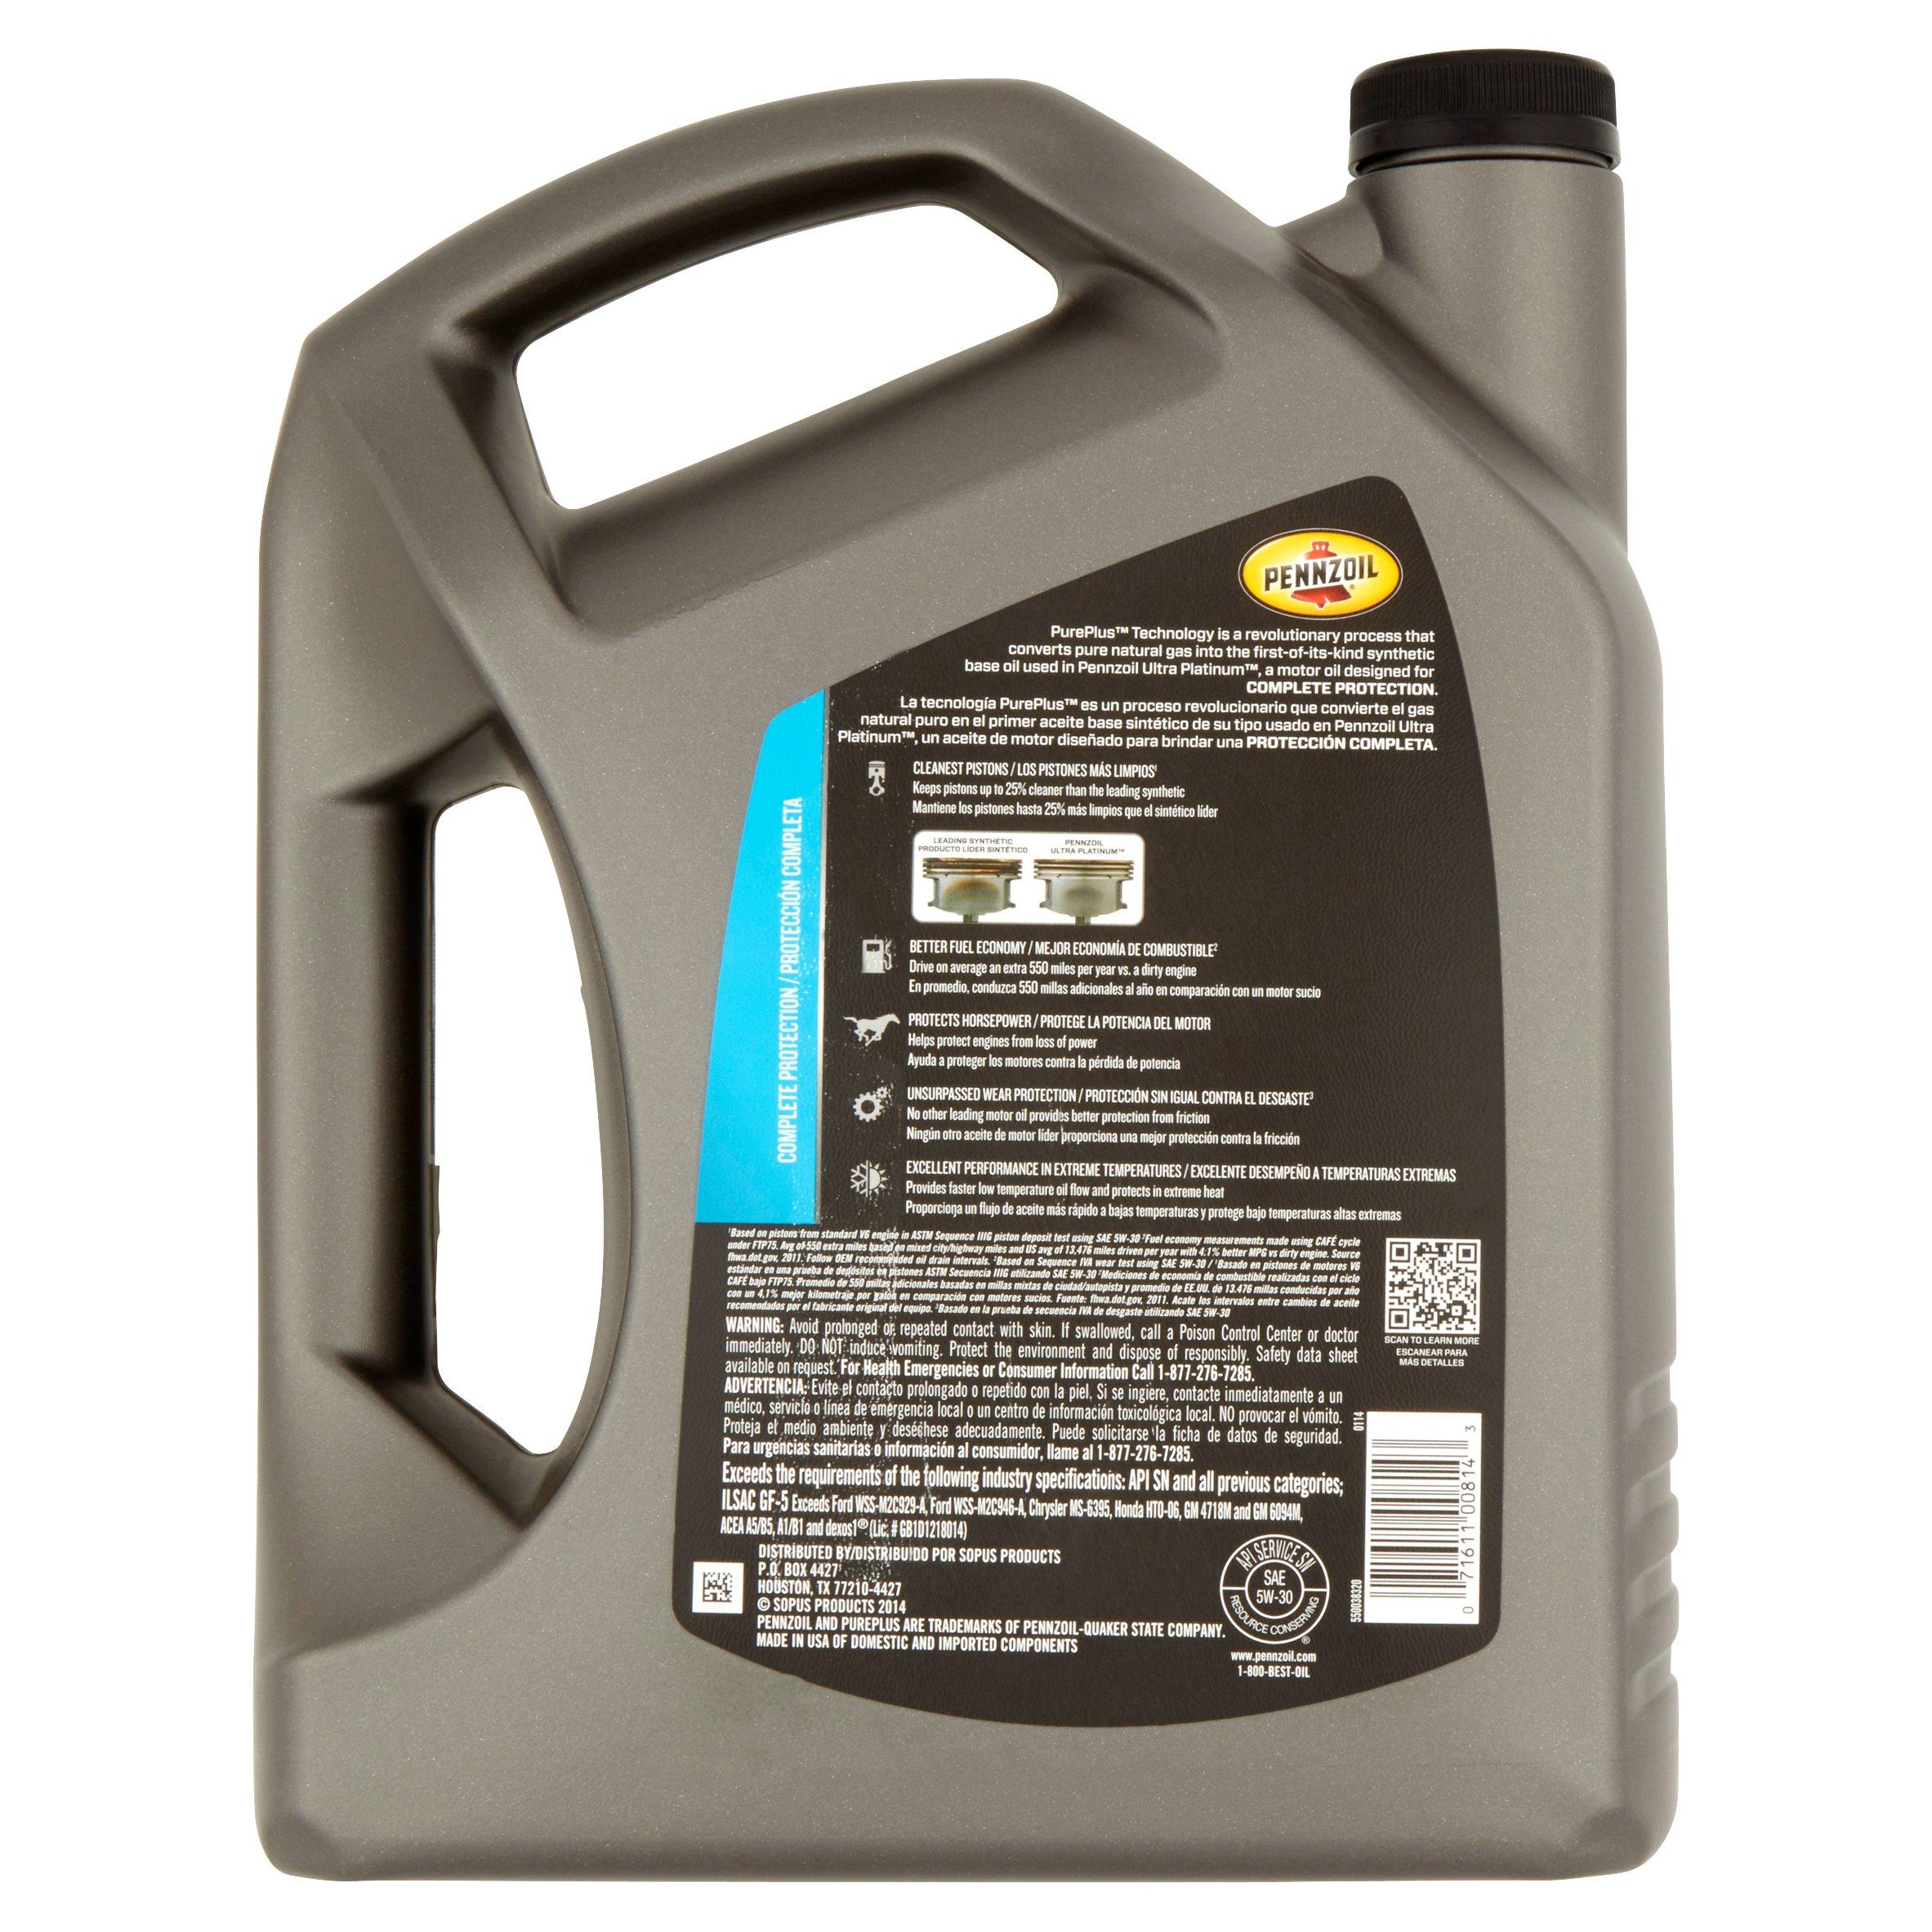 Motor oil msds for Pennzoil ultra platinum 0w 40 motor oil